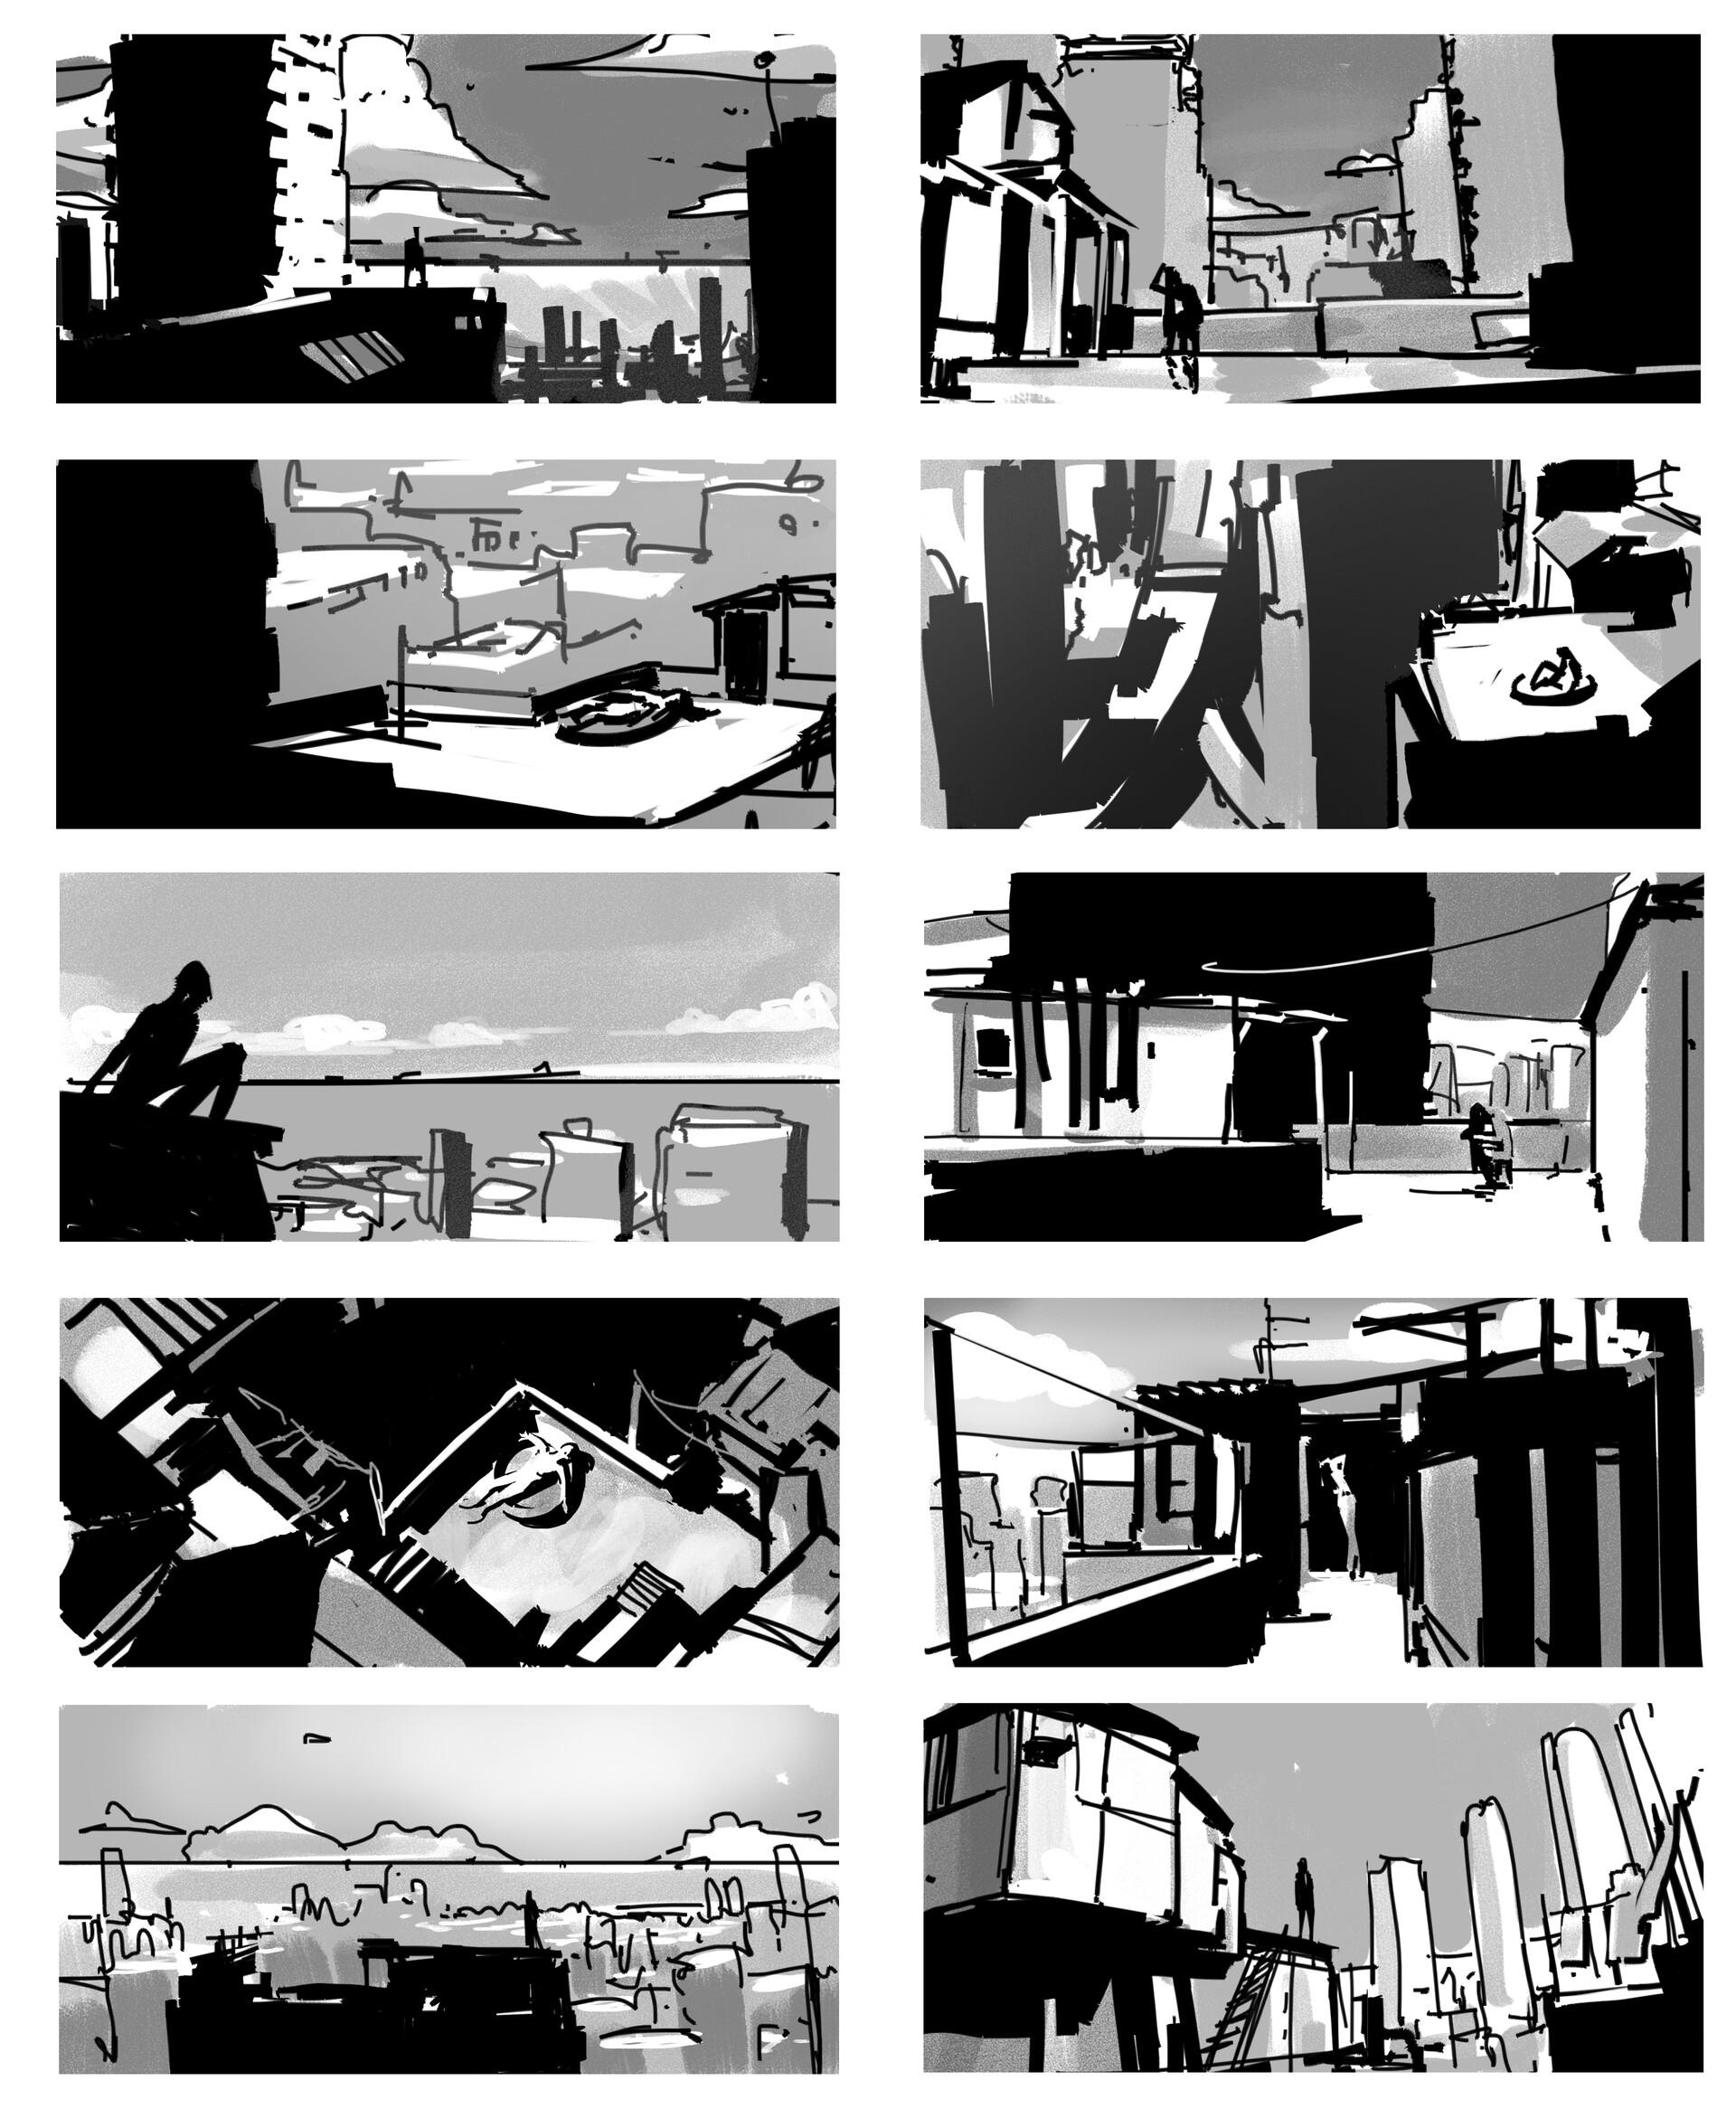 Julien gauthier bangkokxxiii emikosplace sketch v01 001